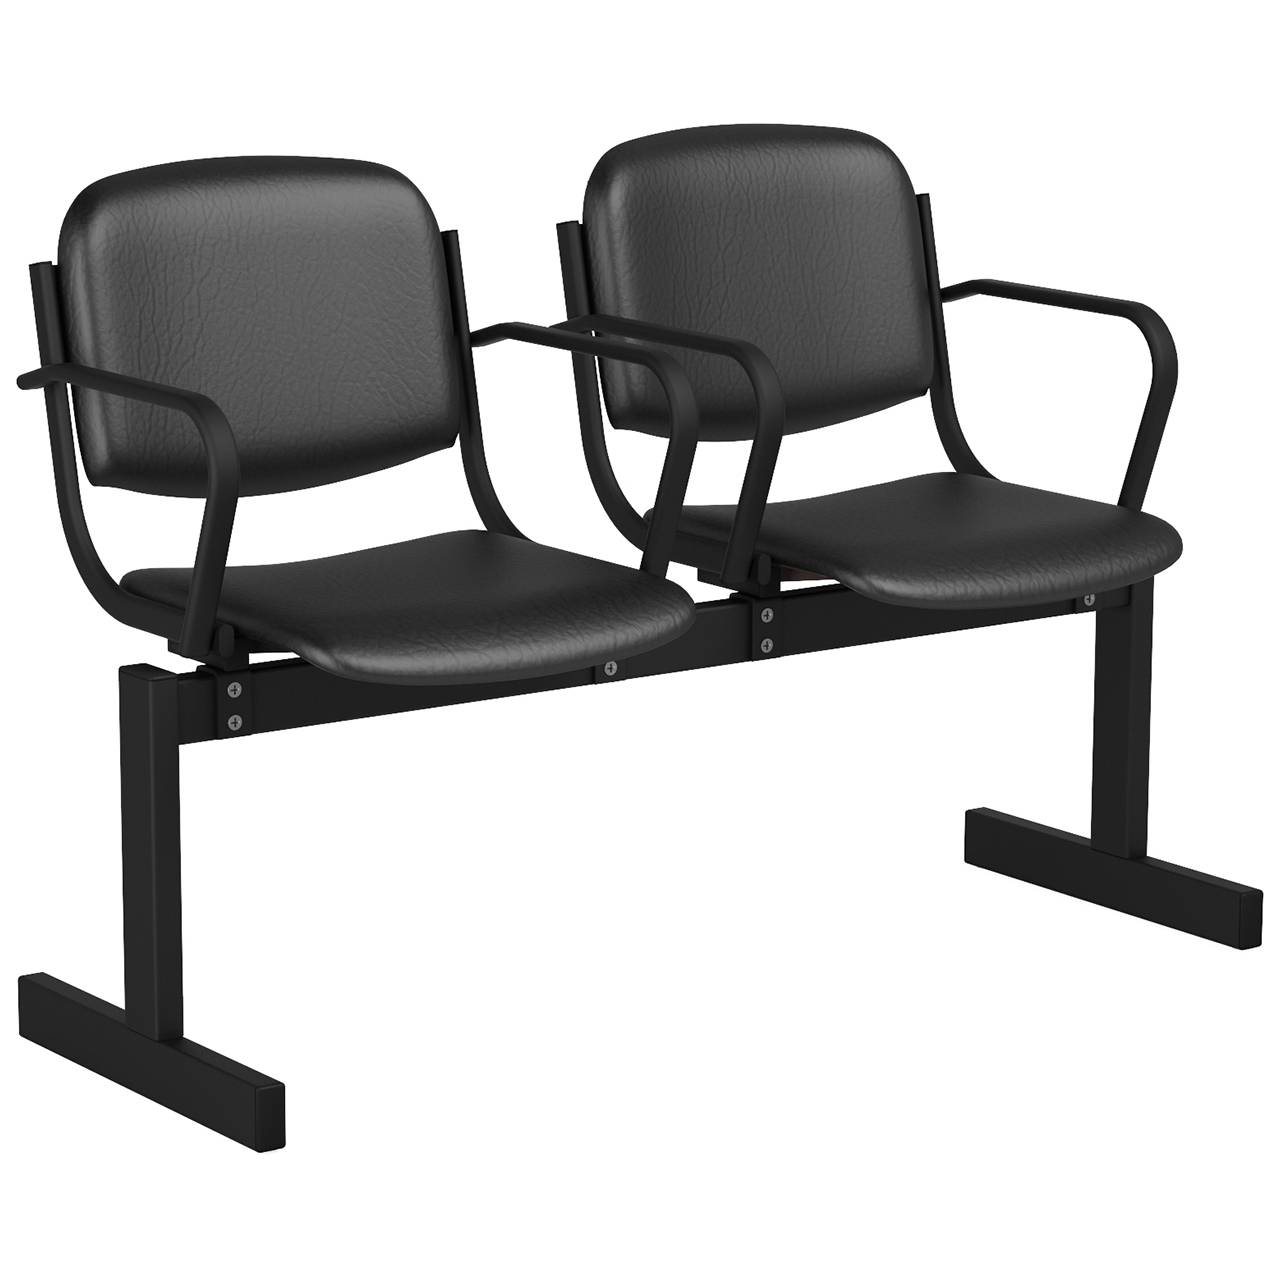 2-местный, не откидывающиеся сиденья, мягкий, подлокотники черный черный Кожзаменитель